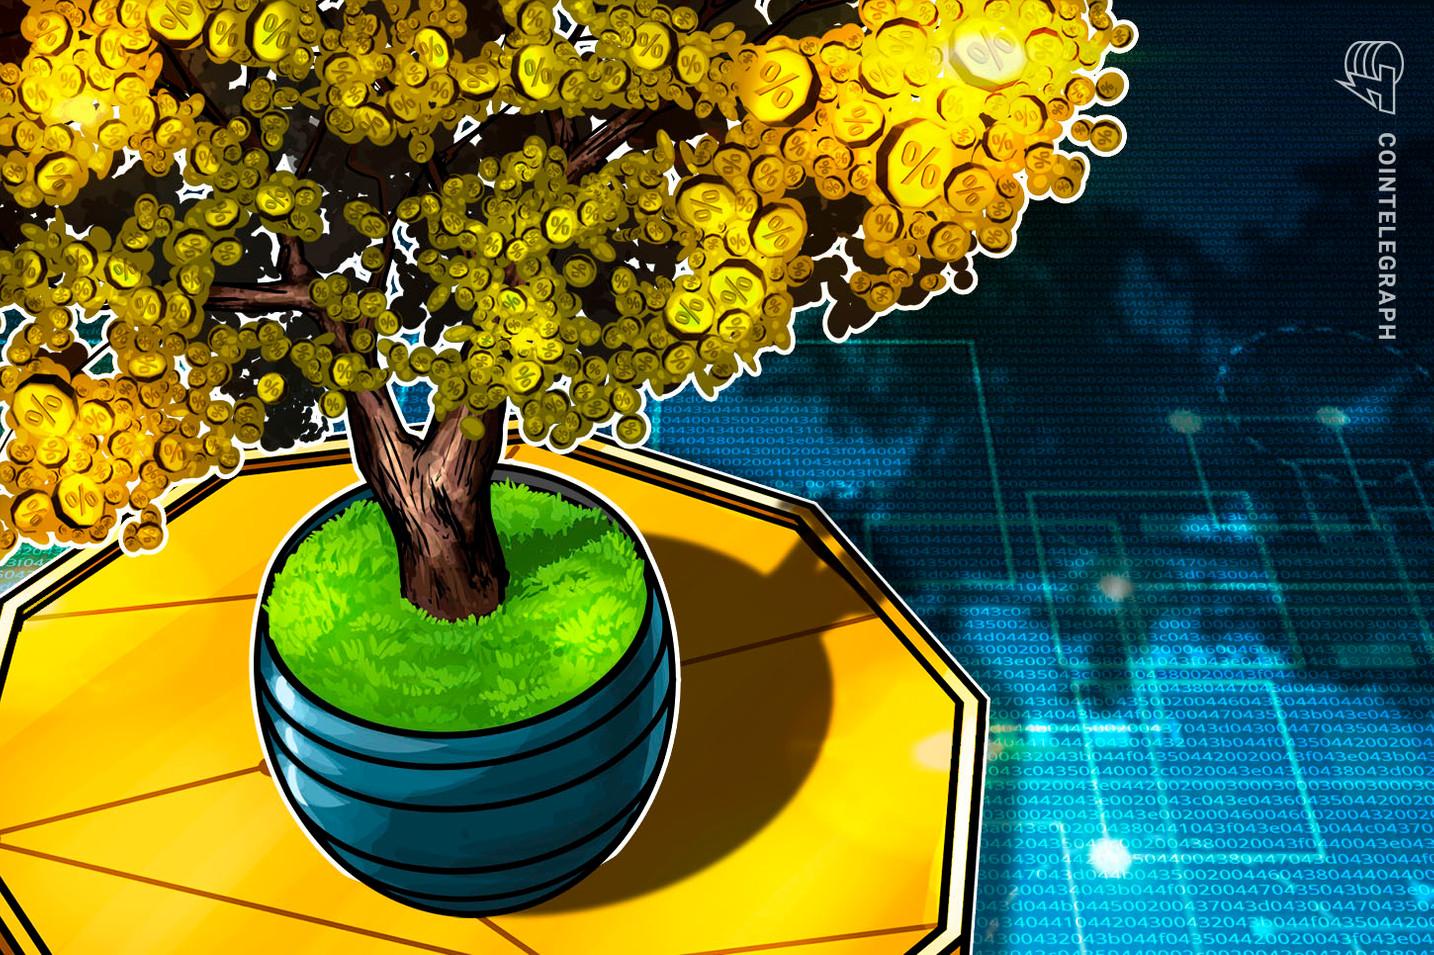 Los usuarios de criptomonedas pronto podrán recibir intereses de dos protocolos de DeFi a la vez